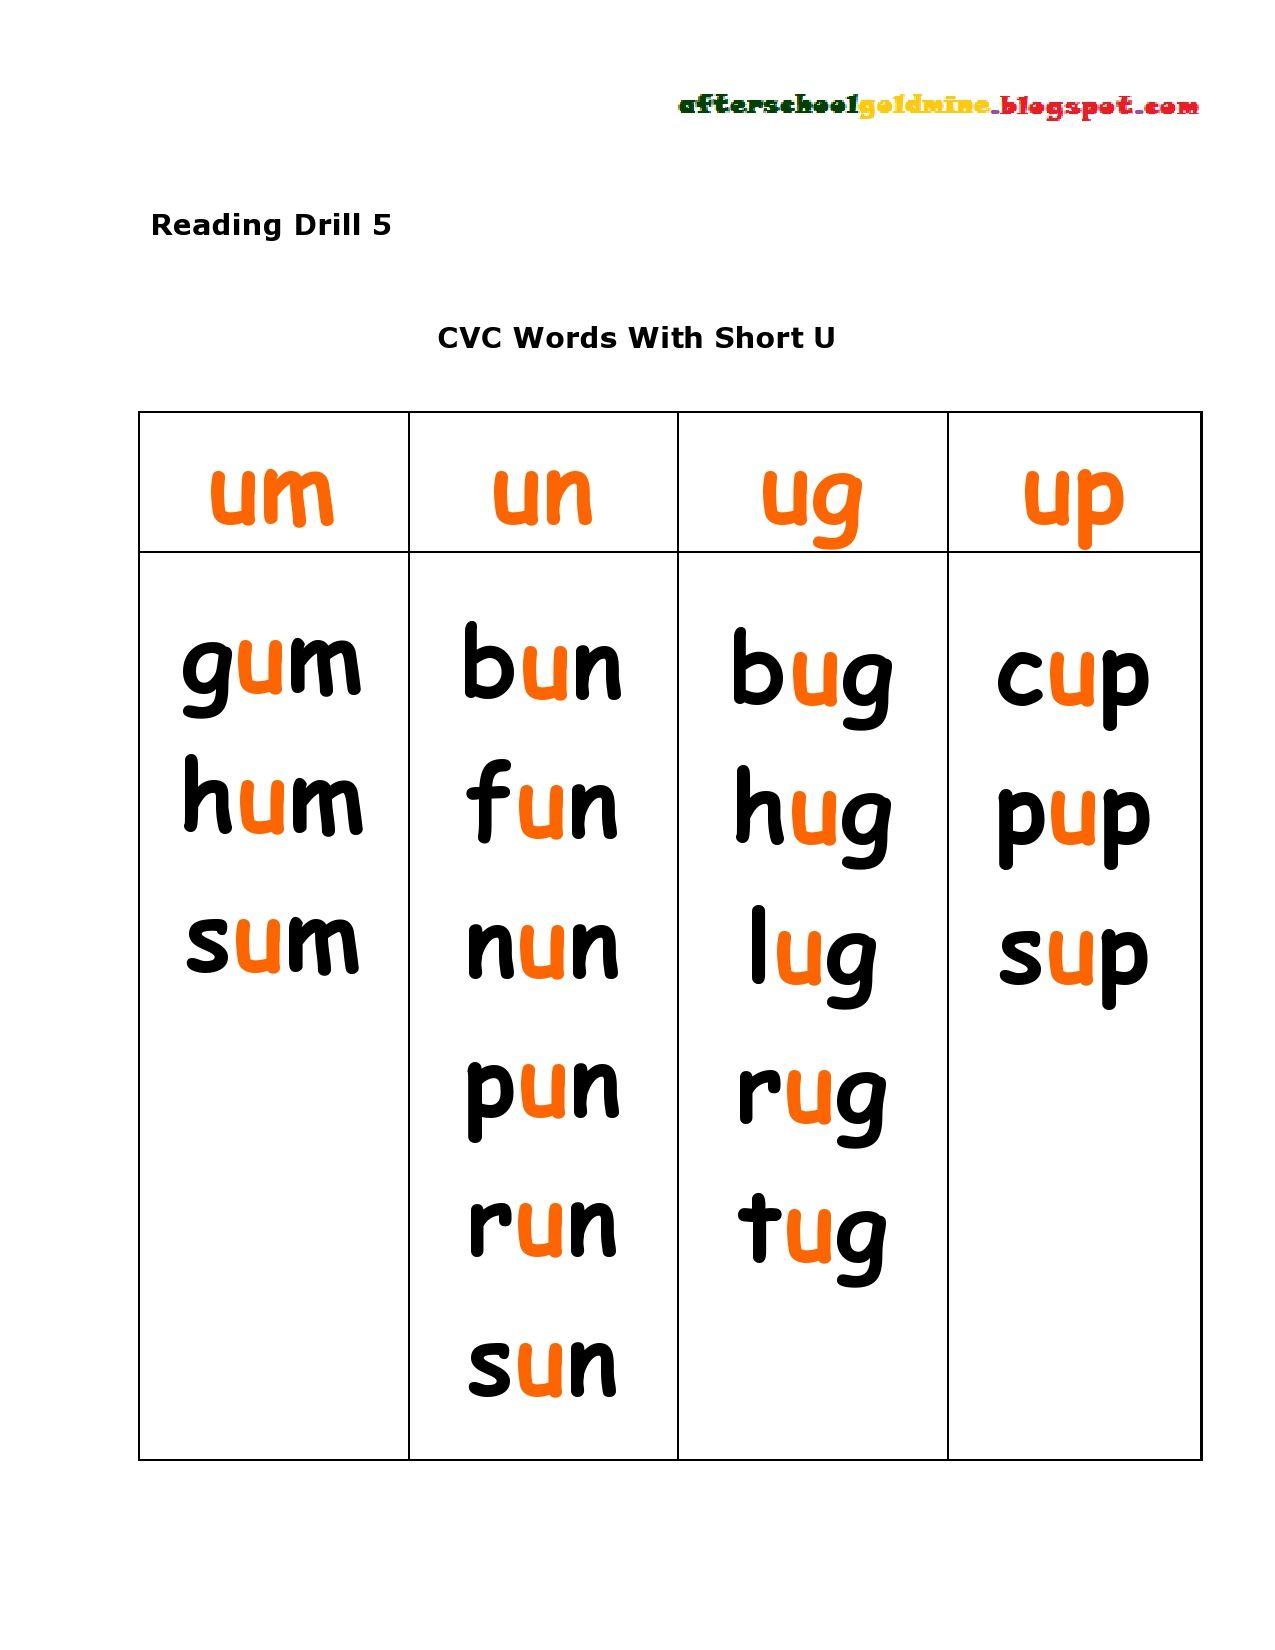 Reading Cvc Short U